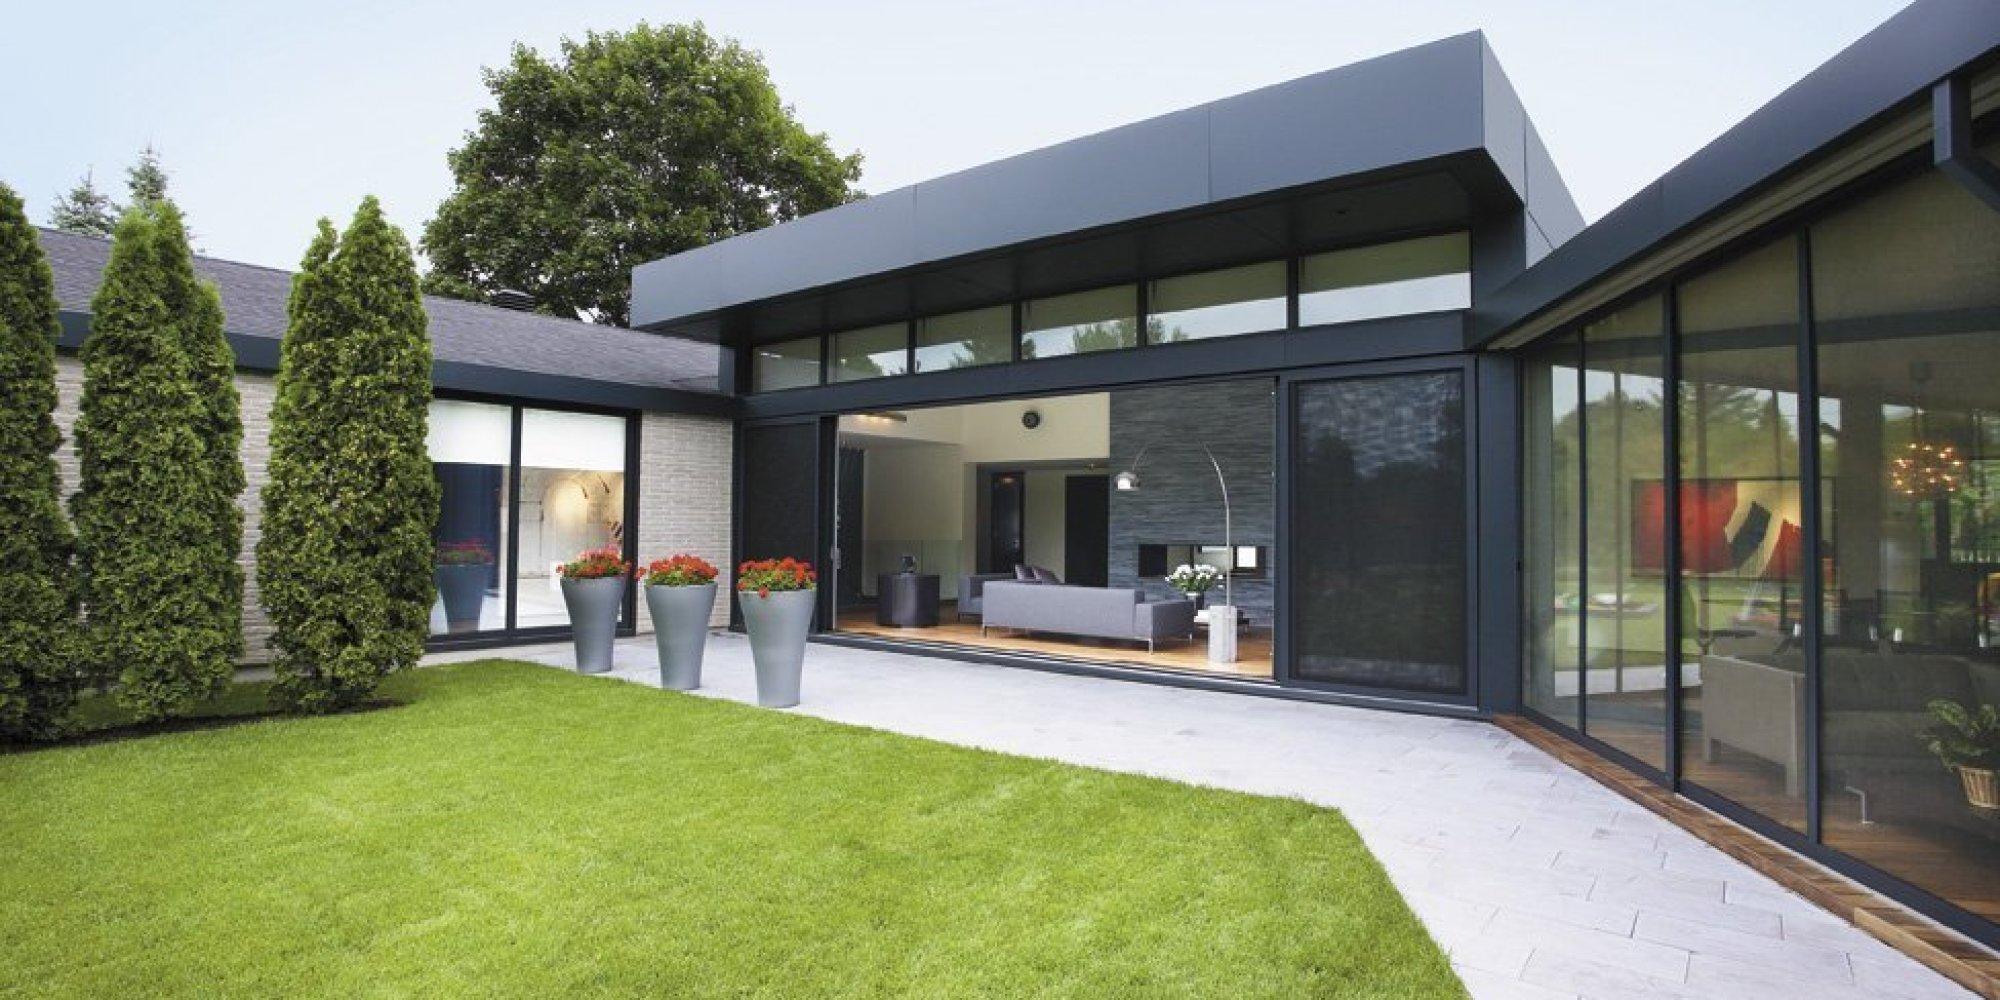 la luxueuse maison d 39 alexandre taillefer est vendre 3 5 millions. Black Bedroom Furniture Sets. Home Design Ideas